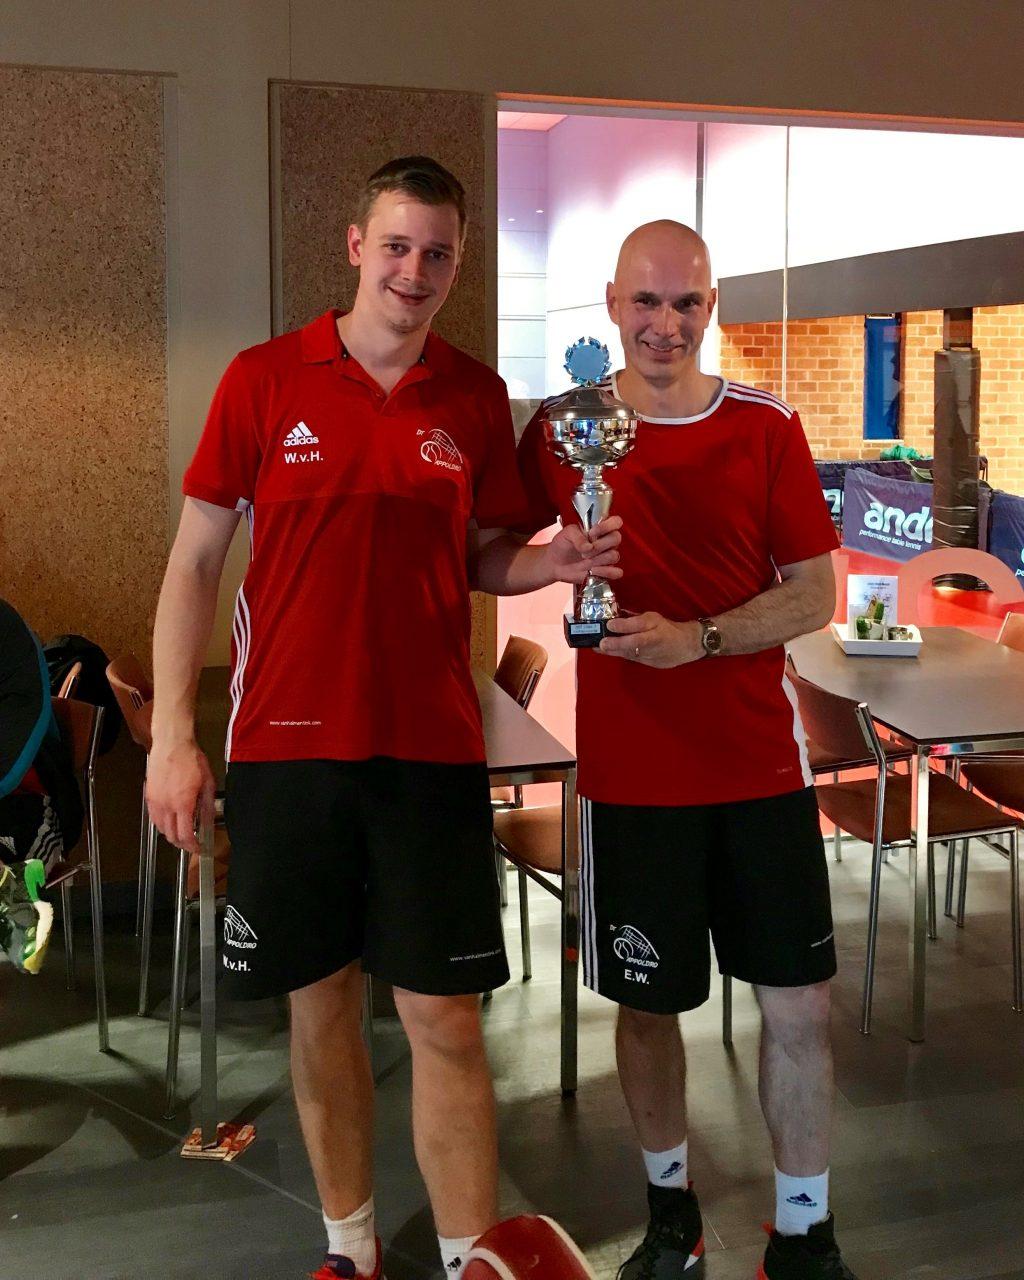 Appoldro is de nieuwe Nederlands kampioen in competitieverband